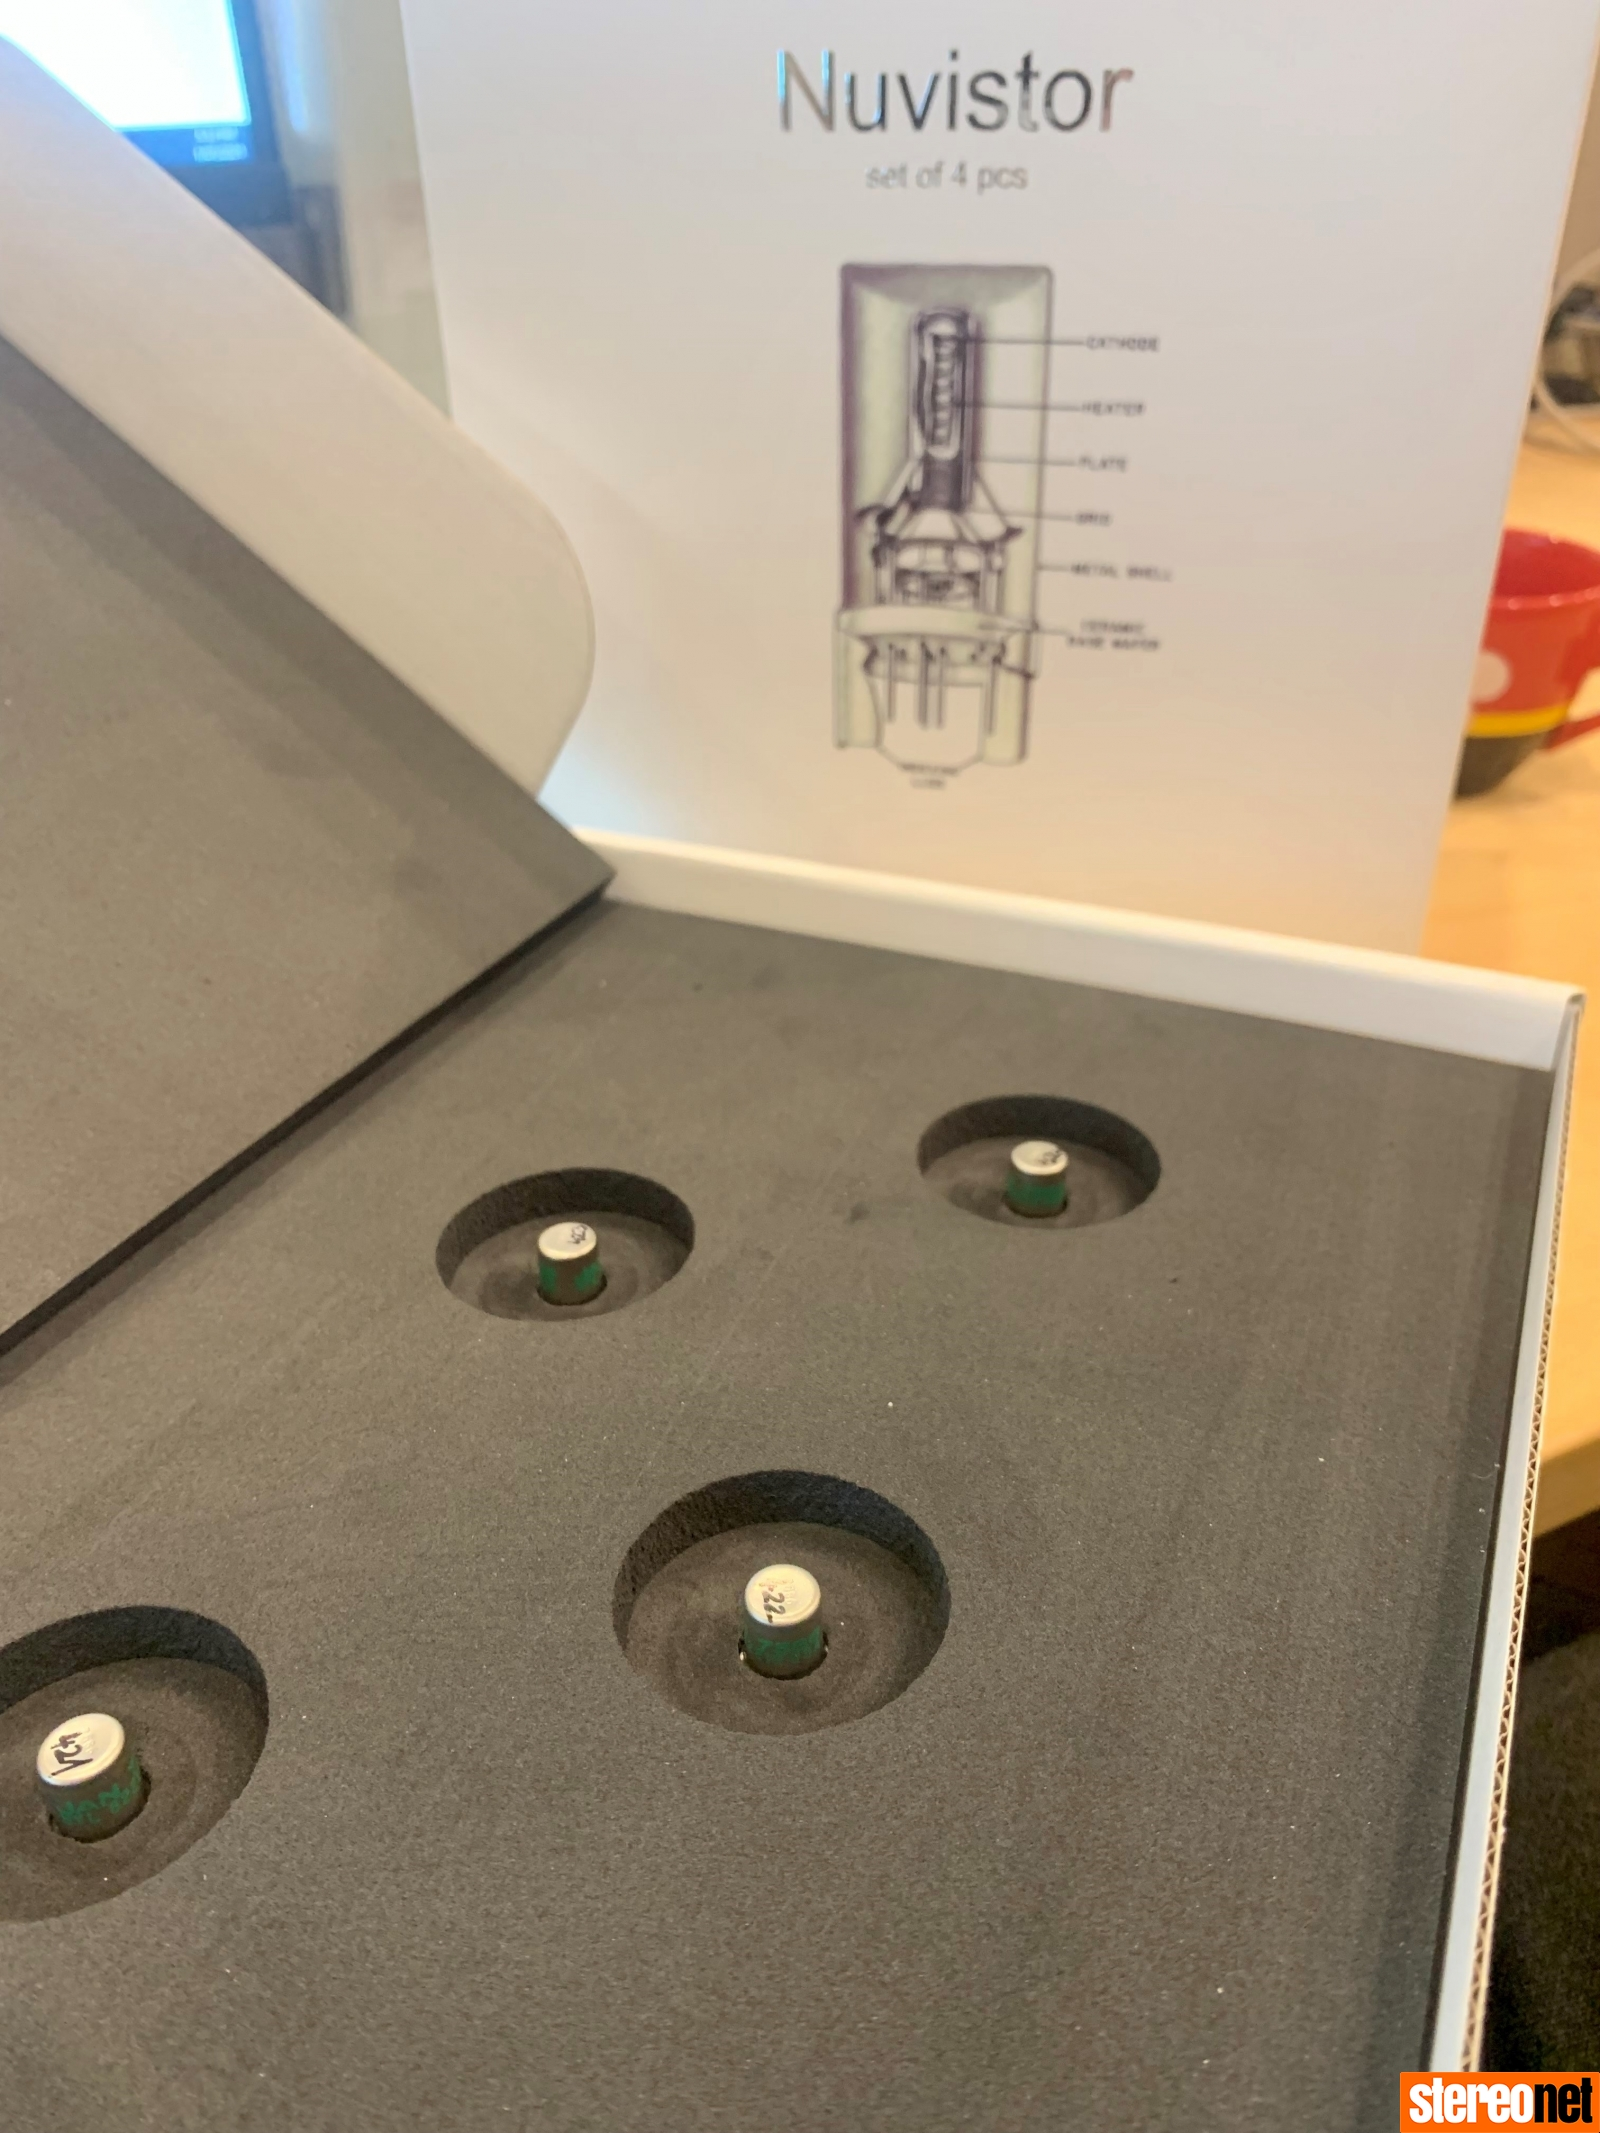 Musical Fidelity NuVistor Tube Set